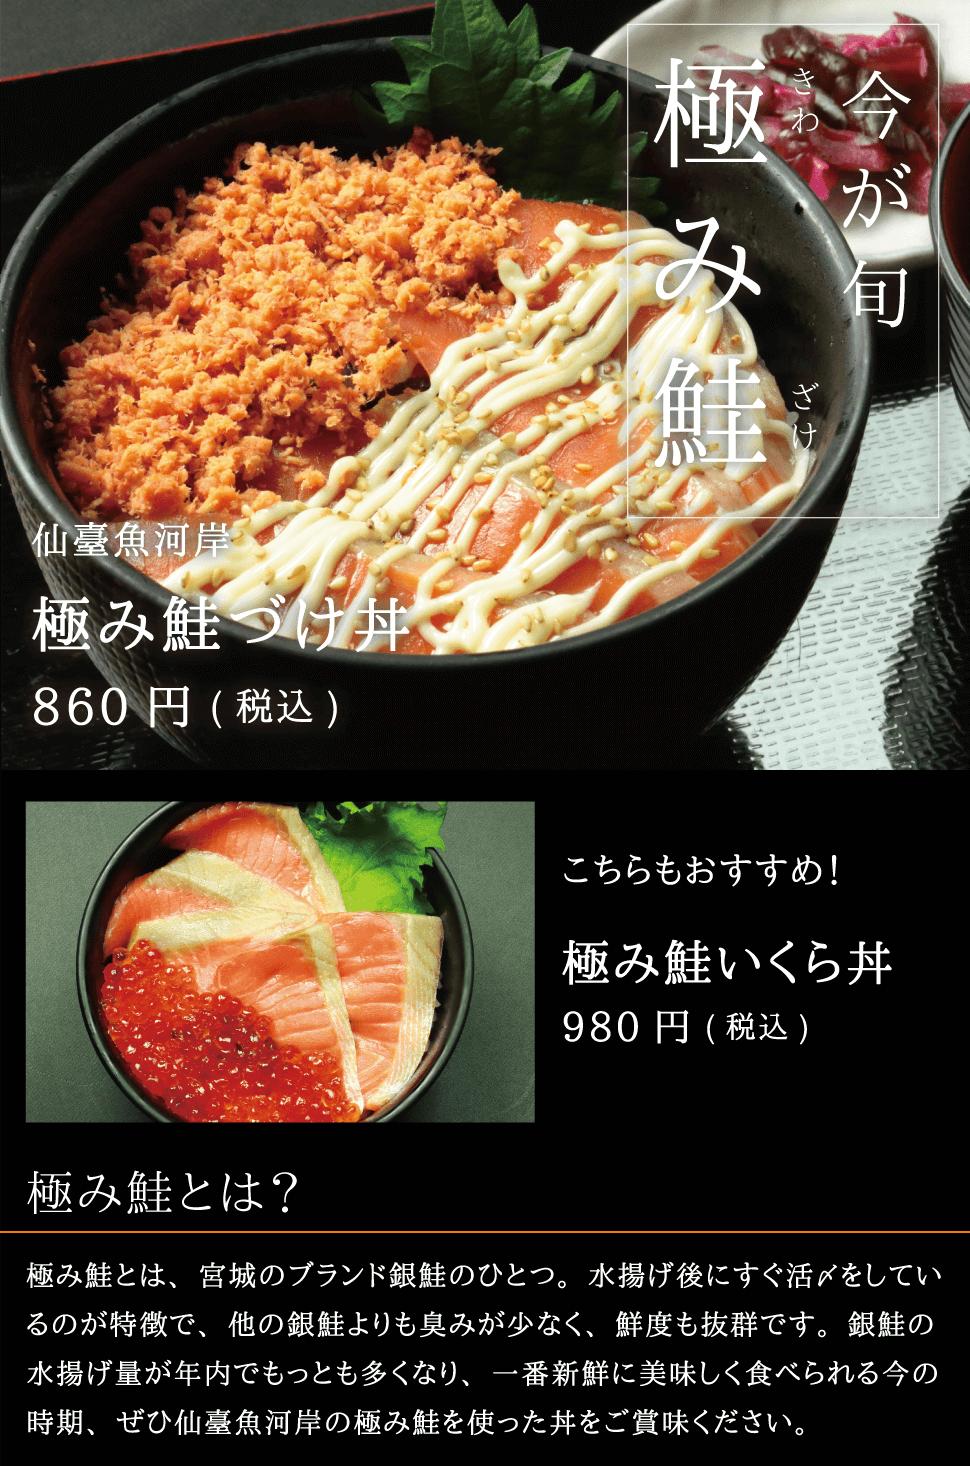 仙臺魚河岸 今が旬宮城のブランド銀鮭 極み鮭 極み鮭漬け丼 極み鮭いくら丼